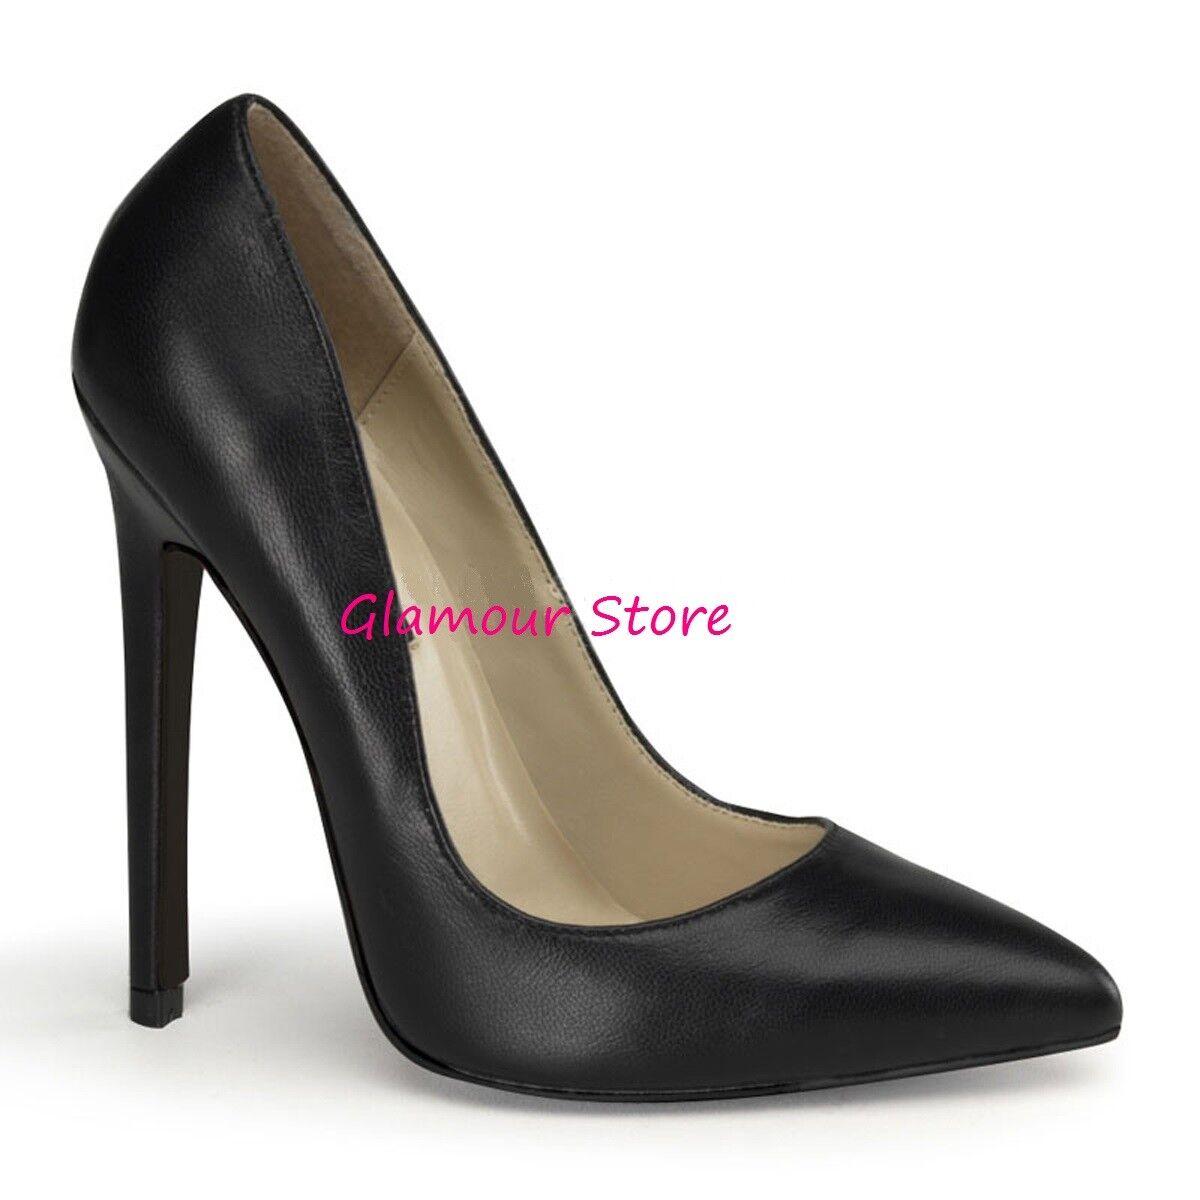 Sexy DECOLTE' NERE PELLE tacco 13 scarpe dal 35 al 43 scarpe 13 fashion GLAMOUR 2b41e5